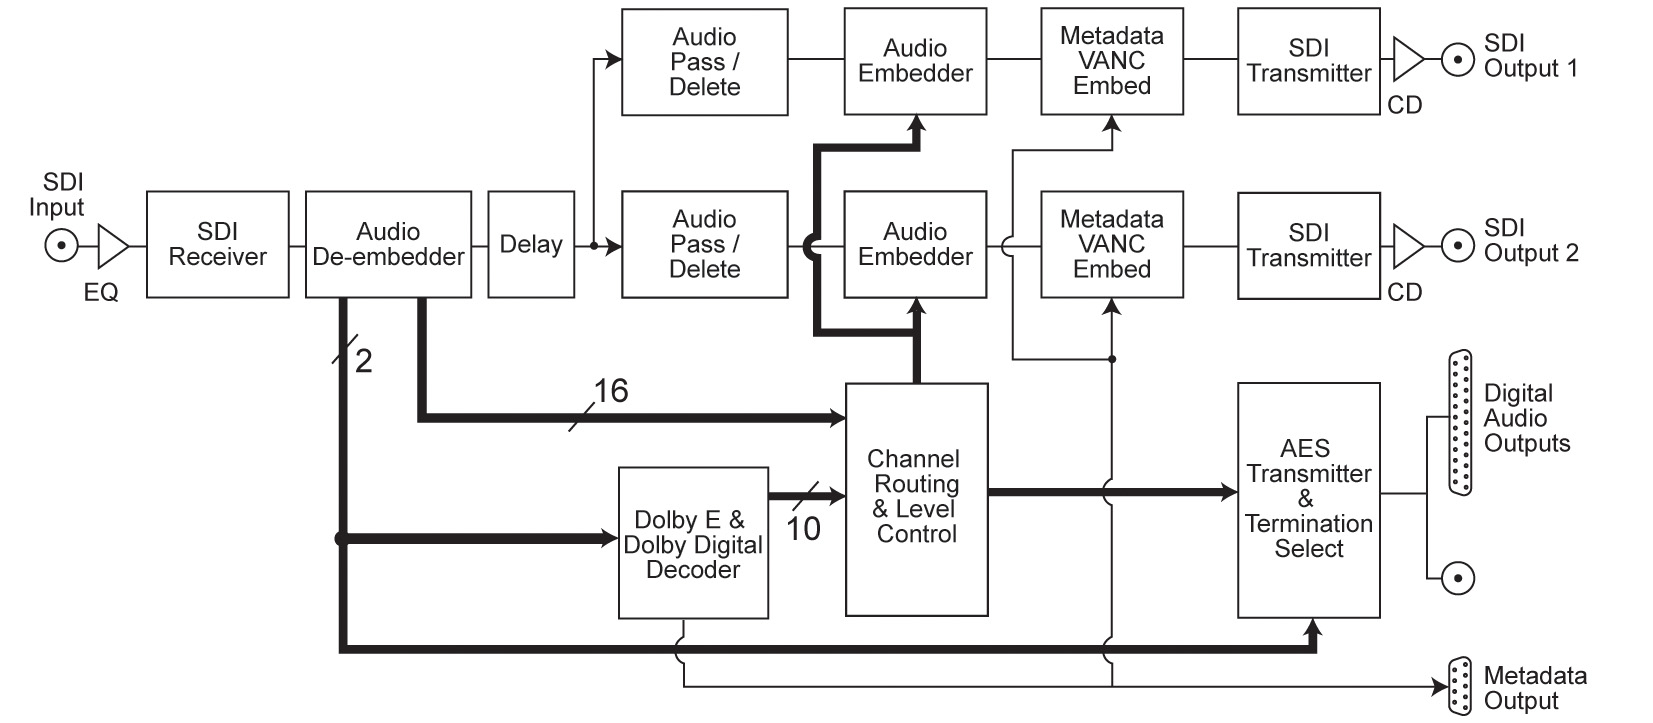 Sonifex RB-VHDDD8 3G/HD/SD-SDI Dolby® E & Dolby Digital Decoder & De